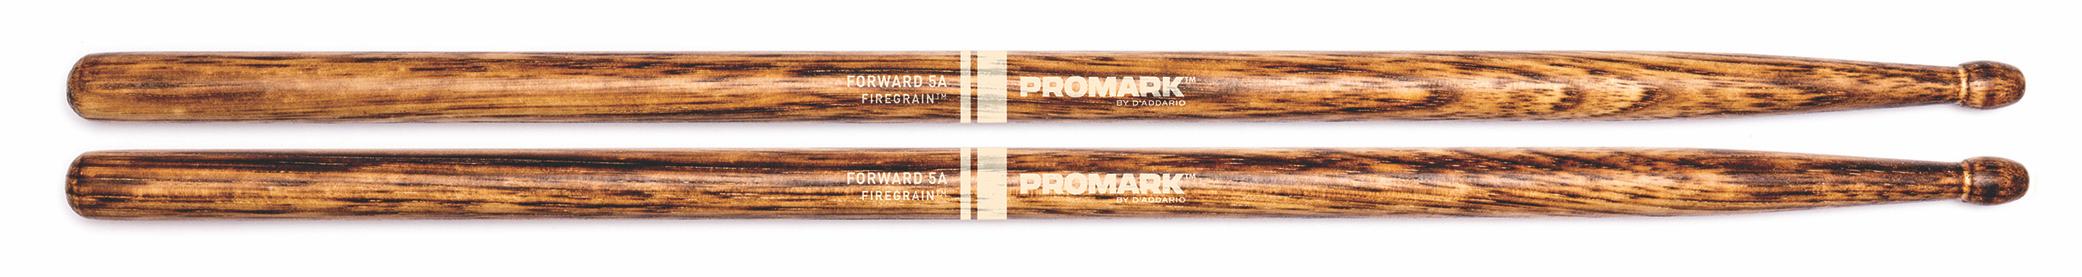 FireGrain Drumsticks